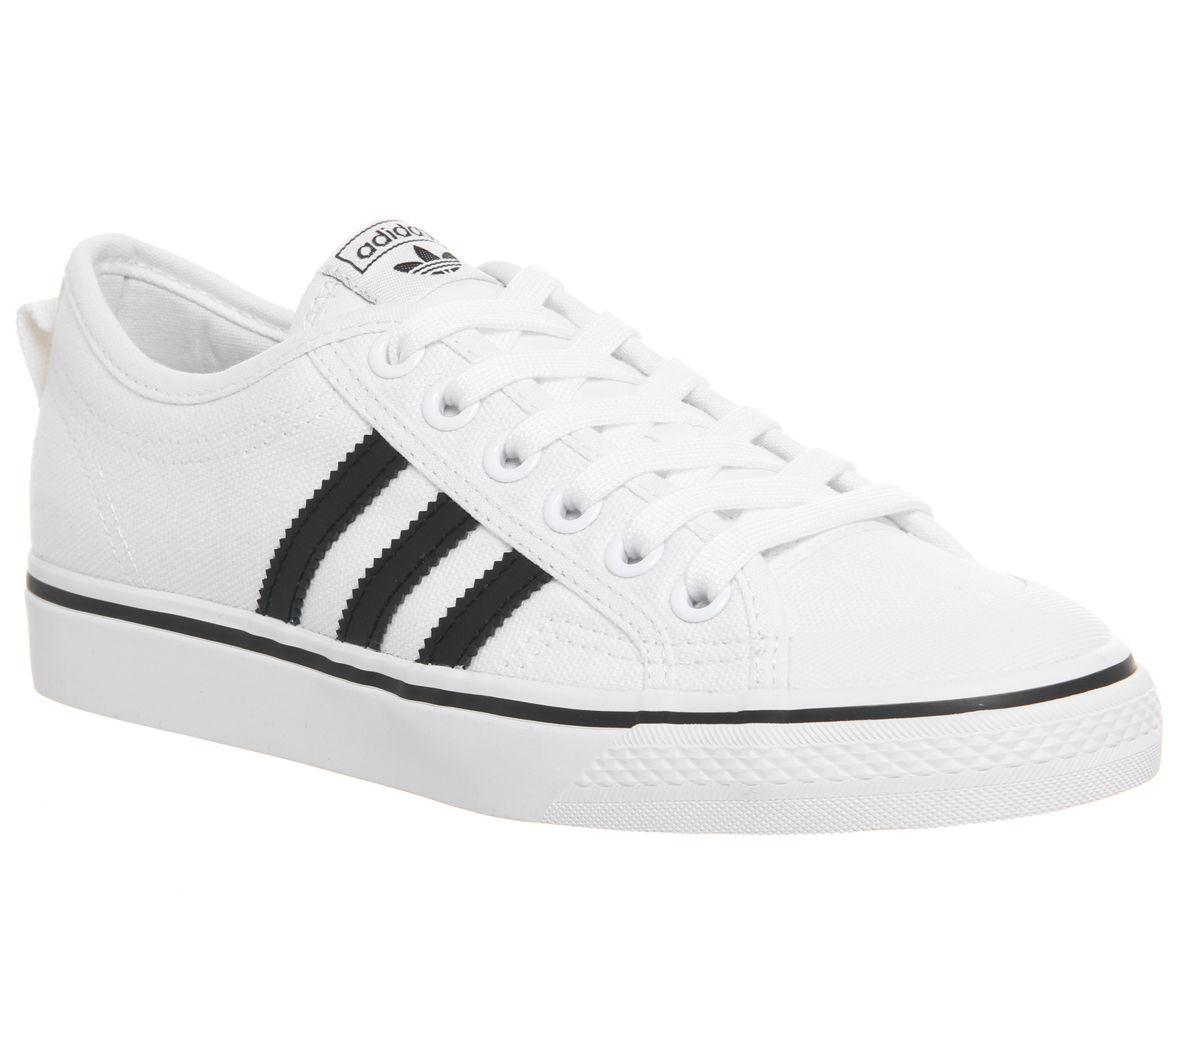 adidas scarpe nizza